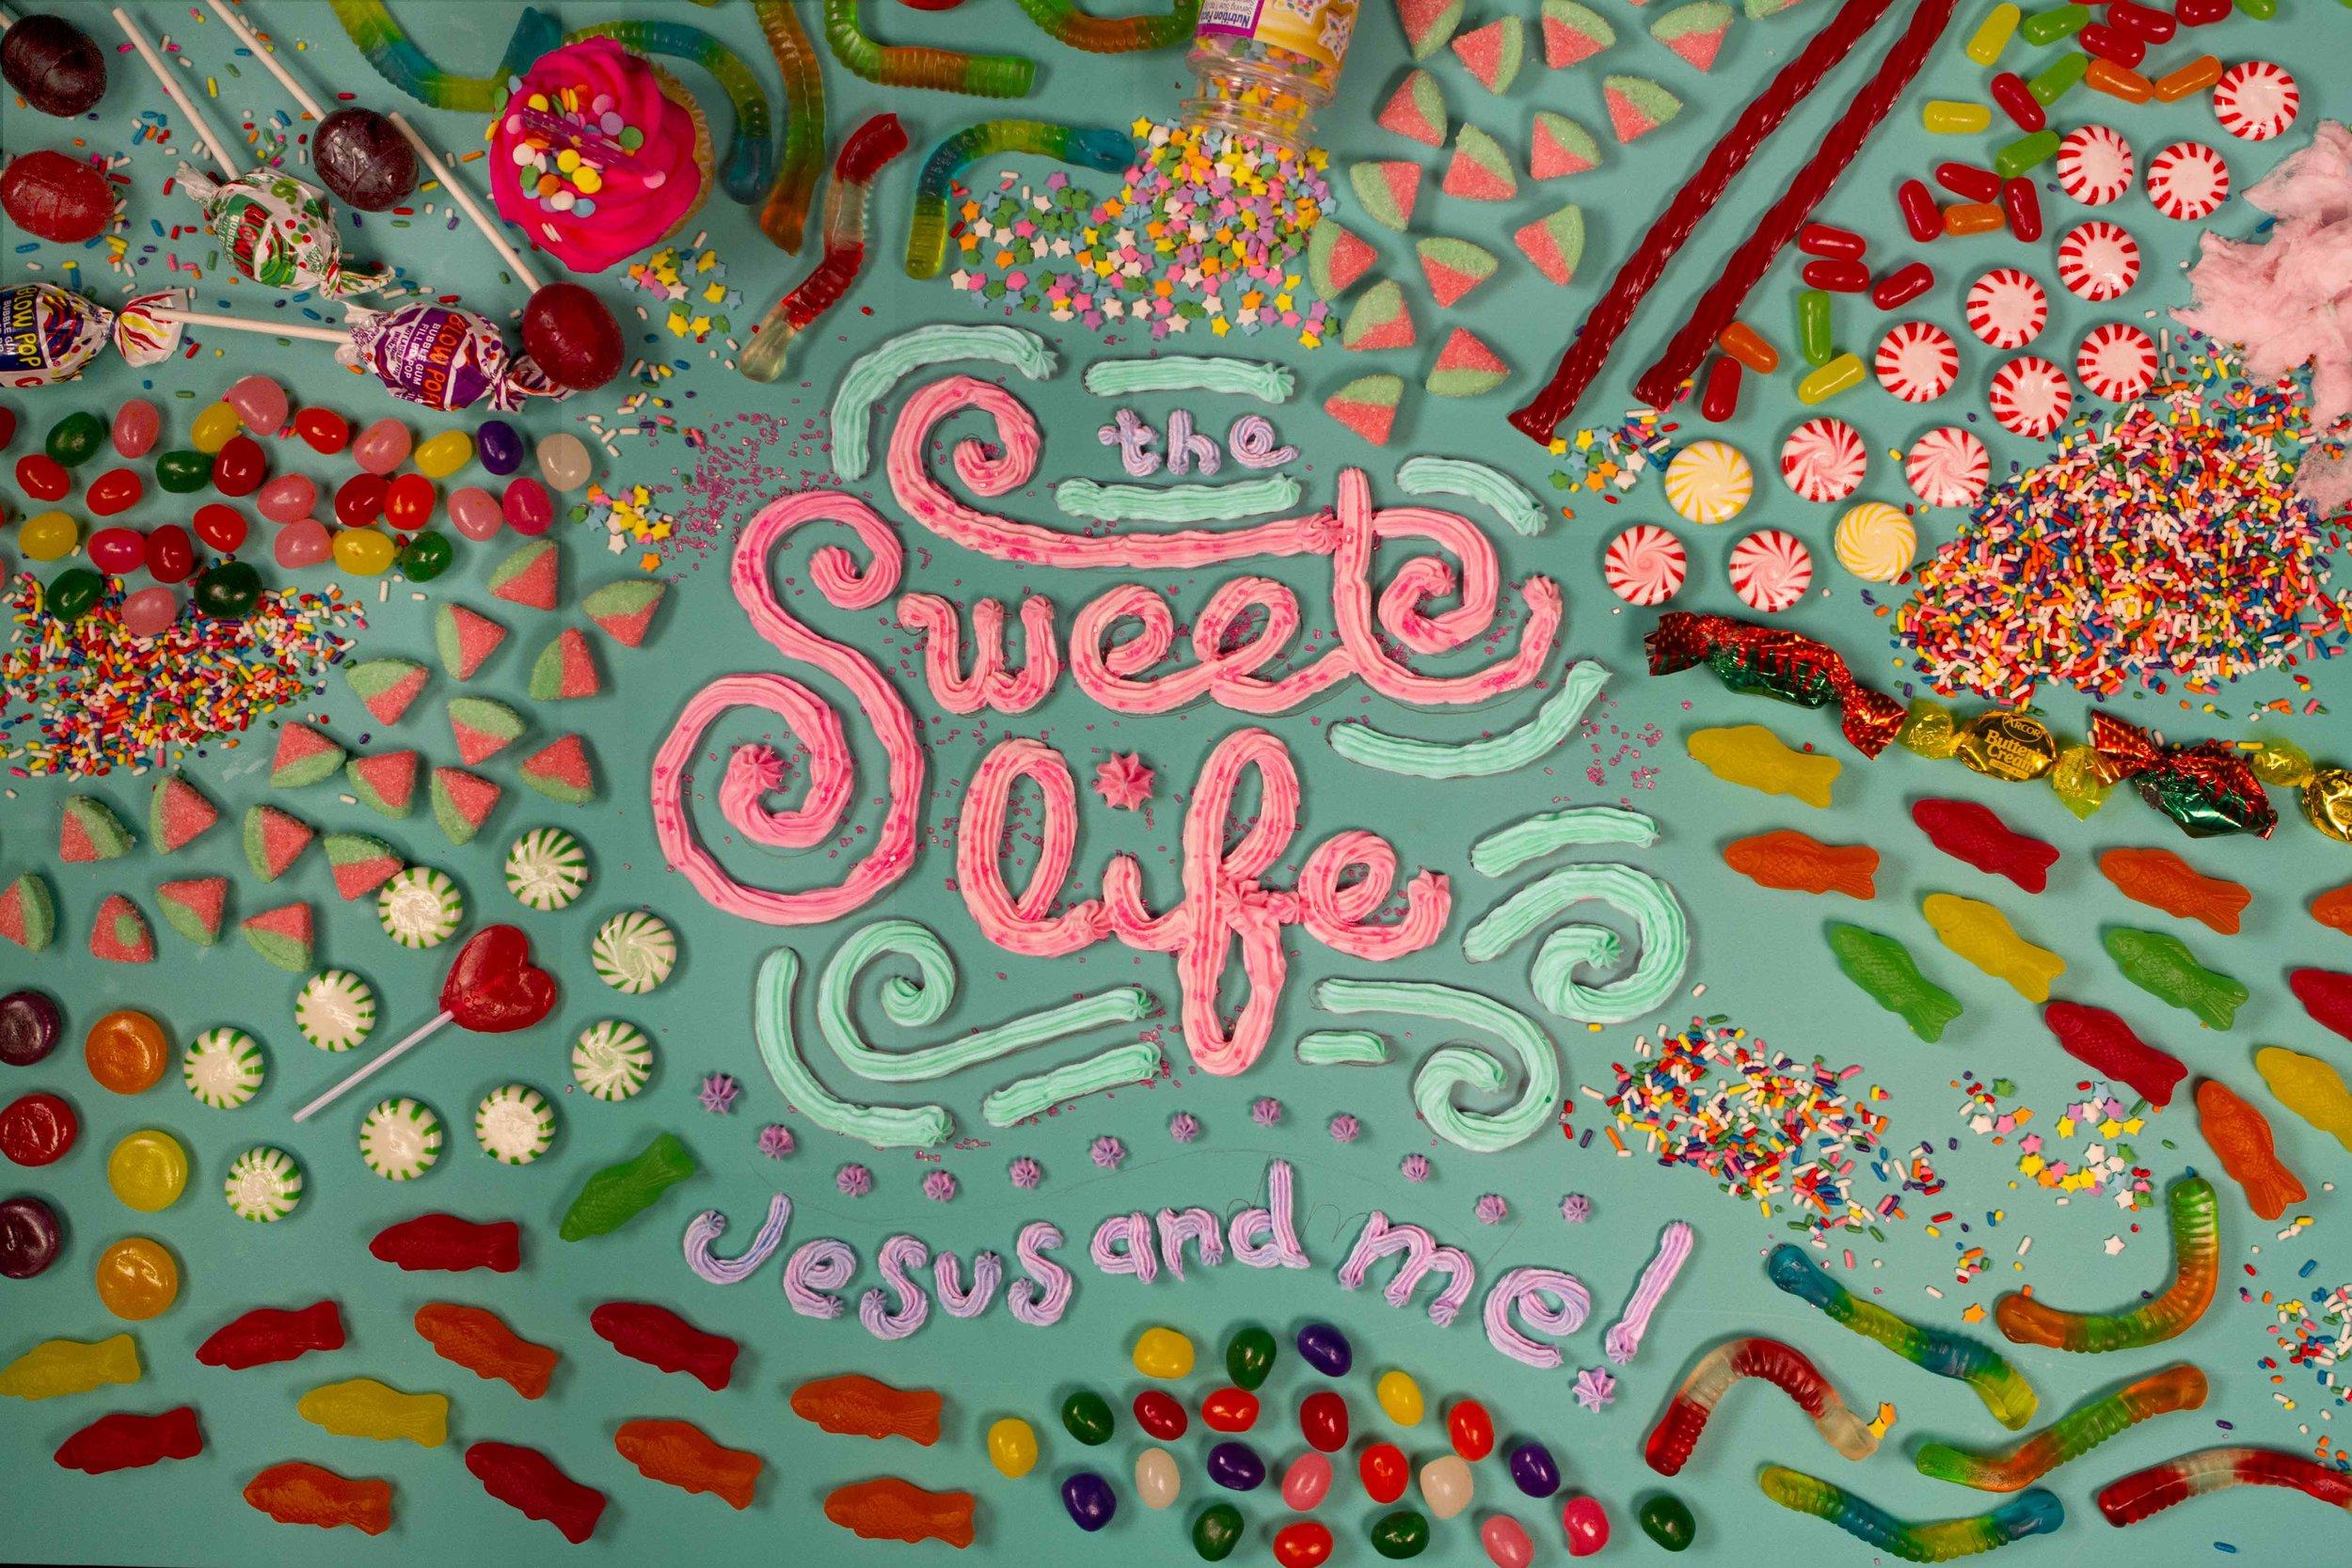 Sweet-Life-Jesus-Me.jpg